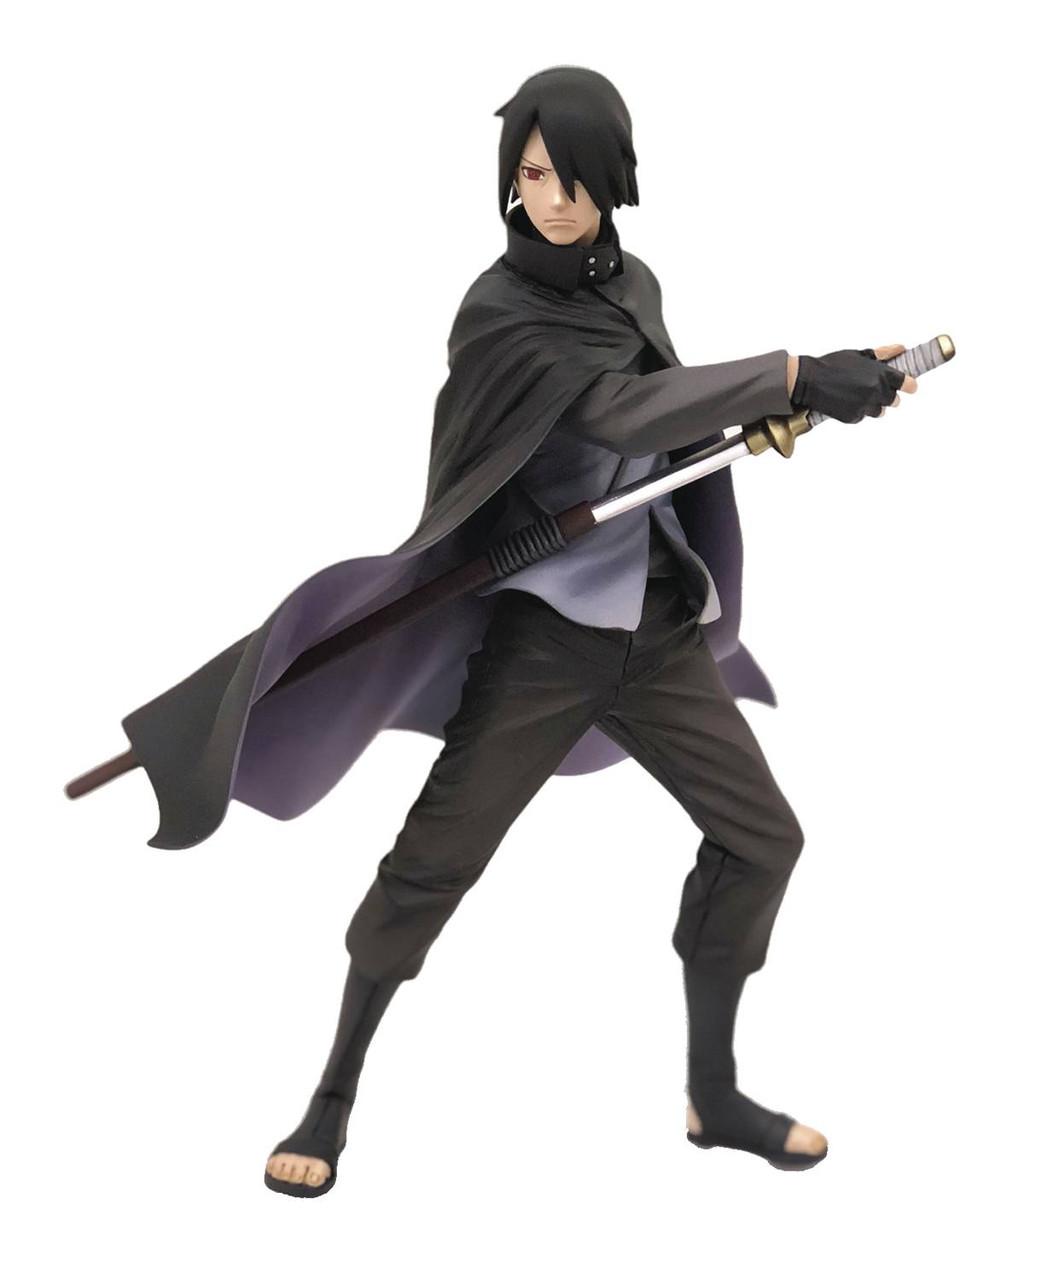 Boruto: Naruto Next Generations ~ Sasuke Statue